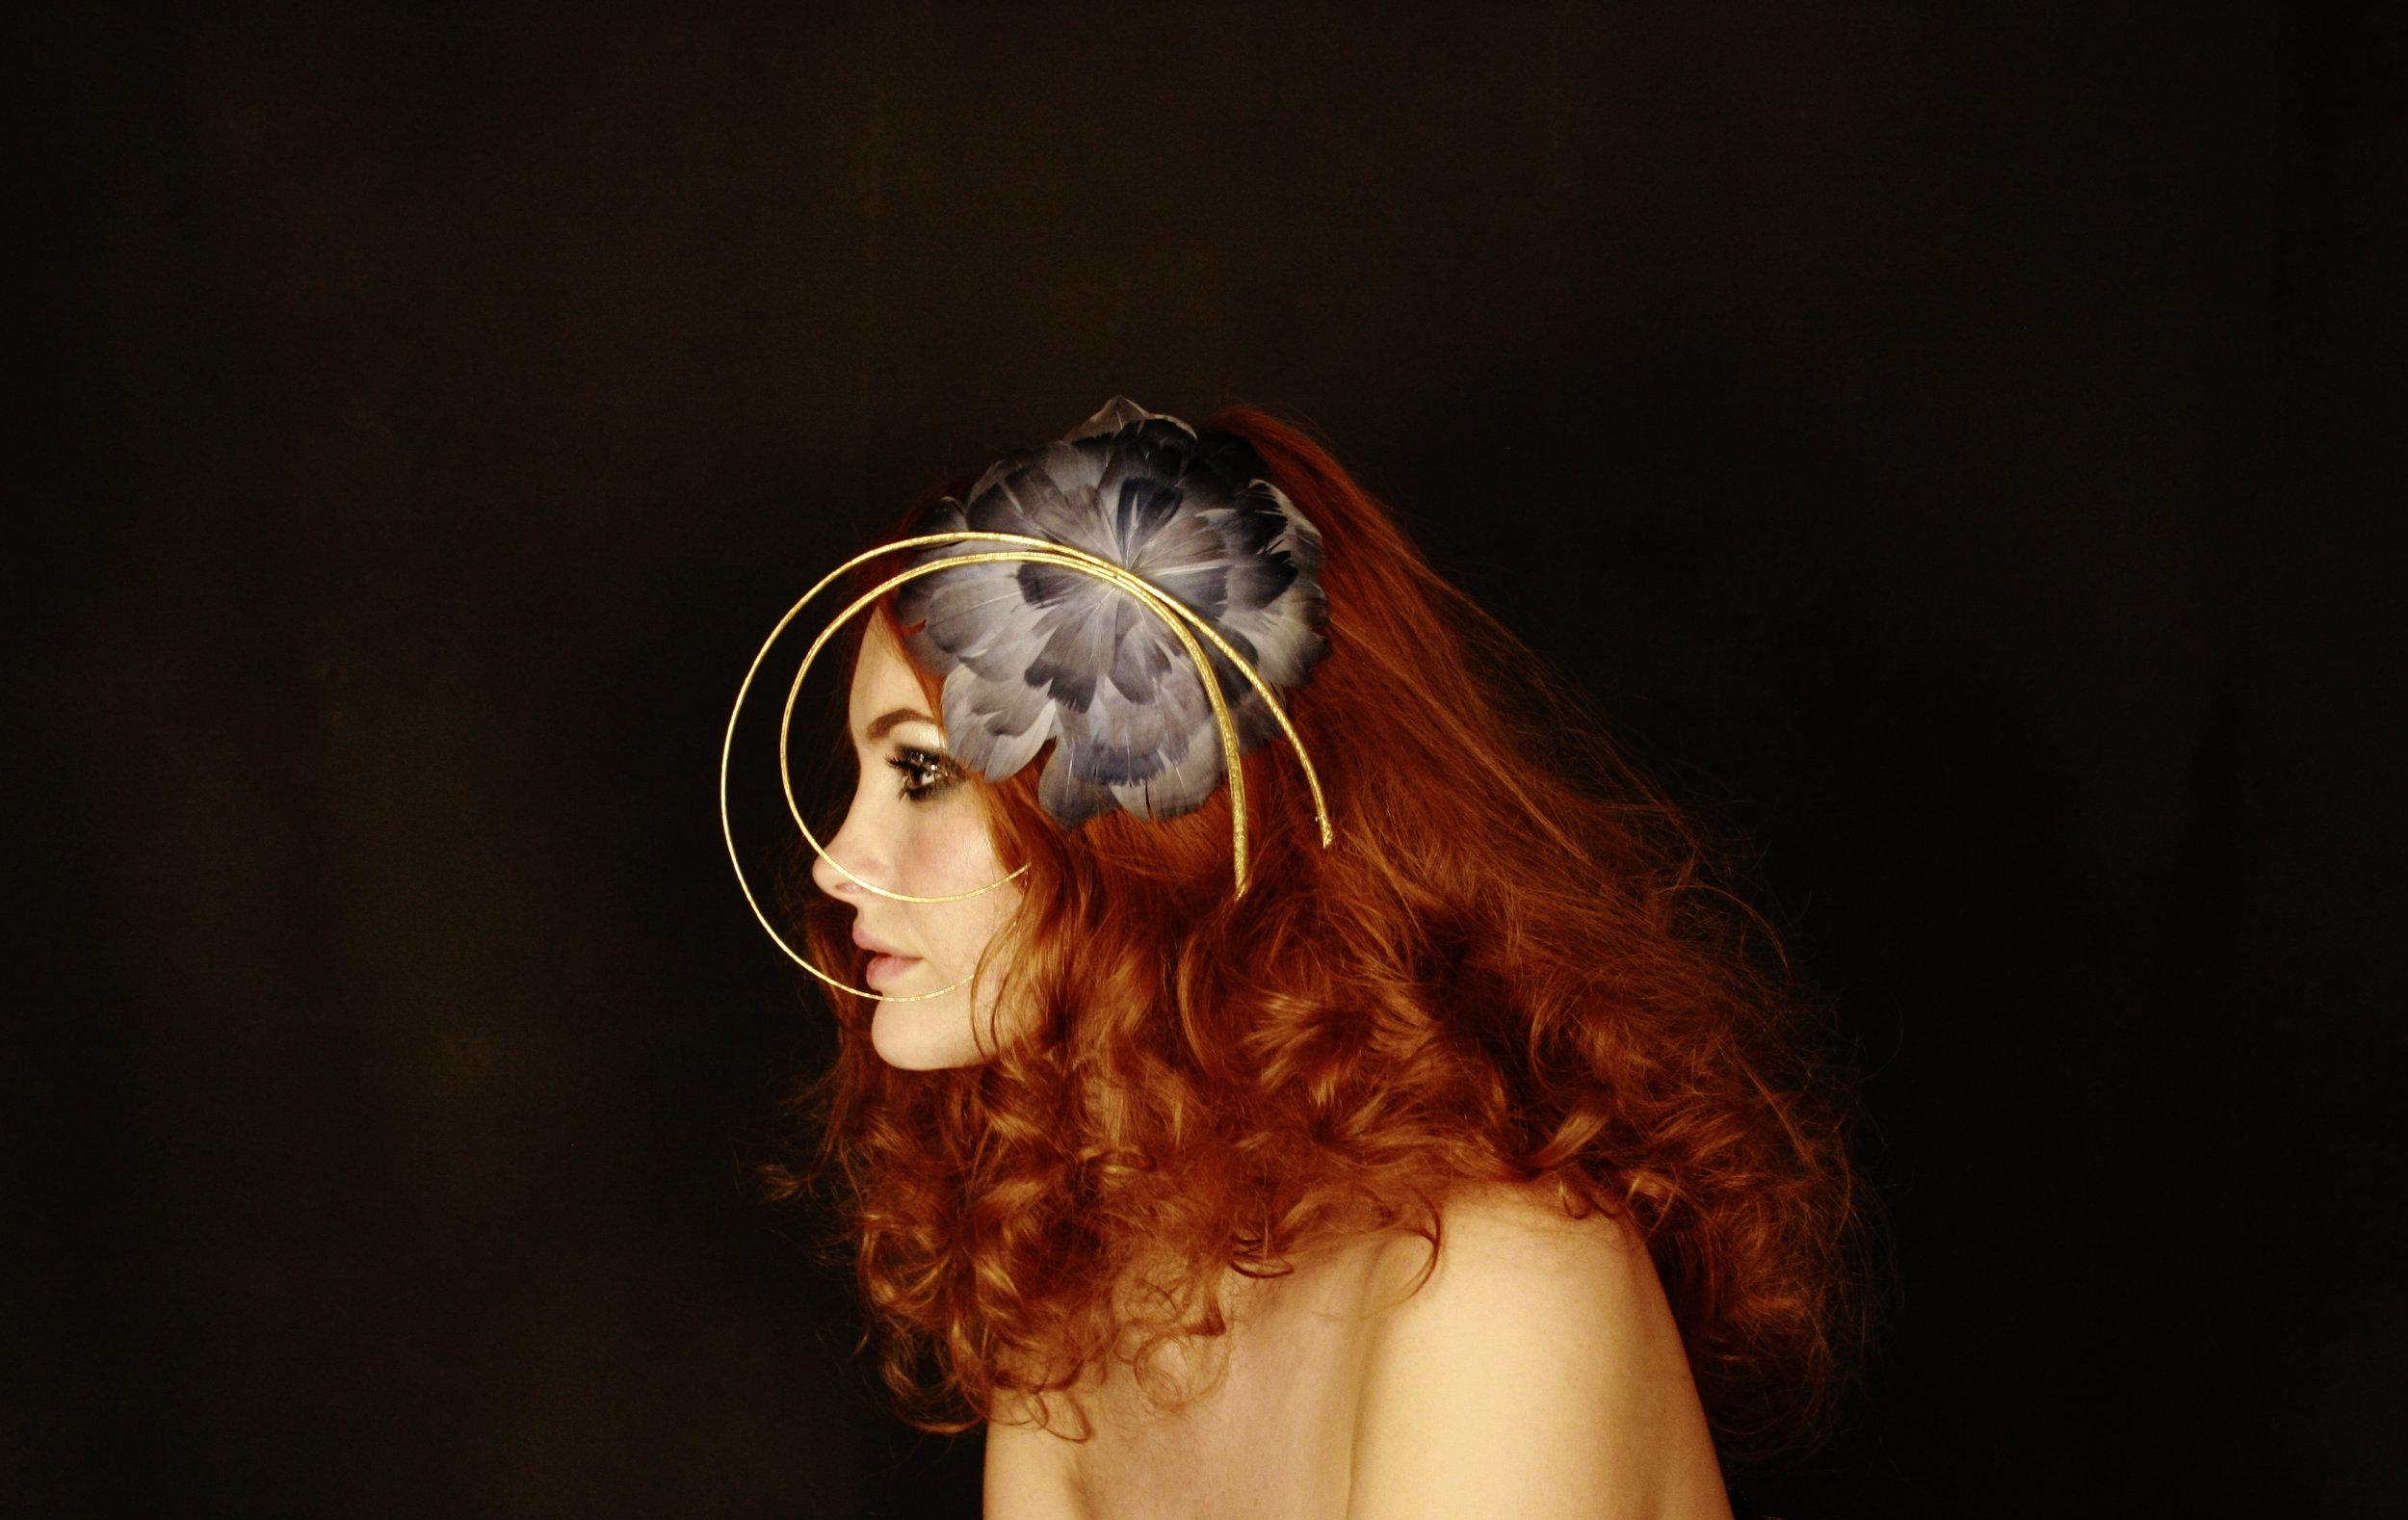 Aurora headpiece